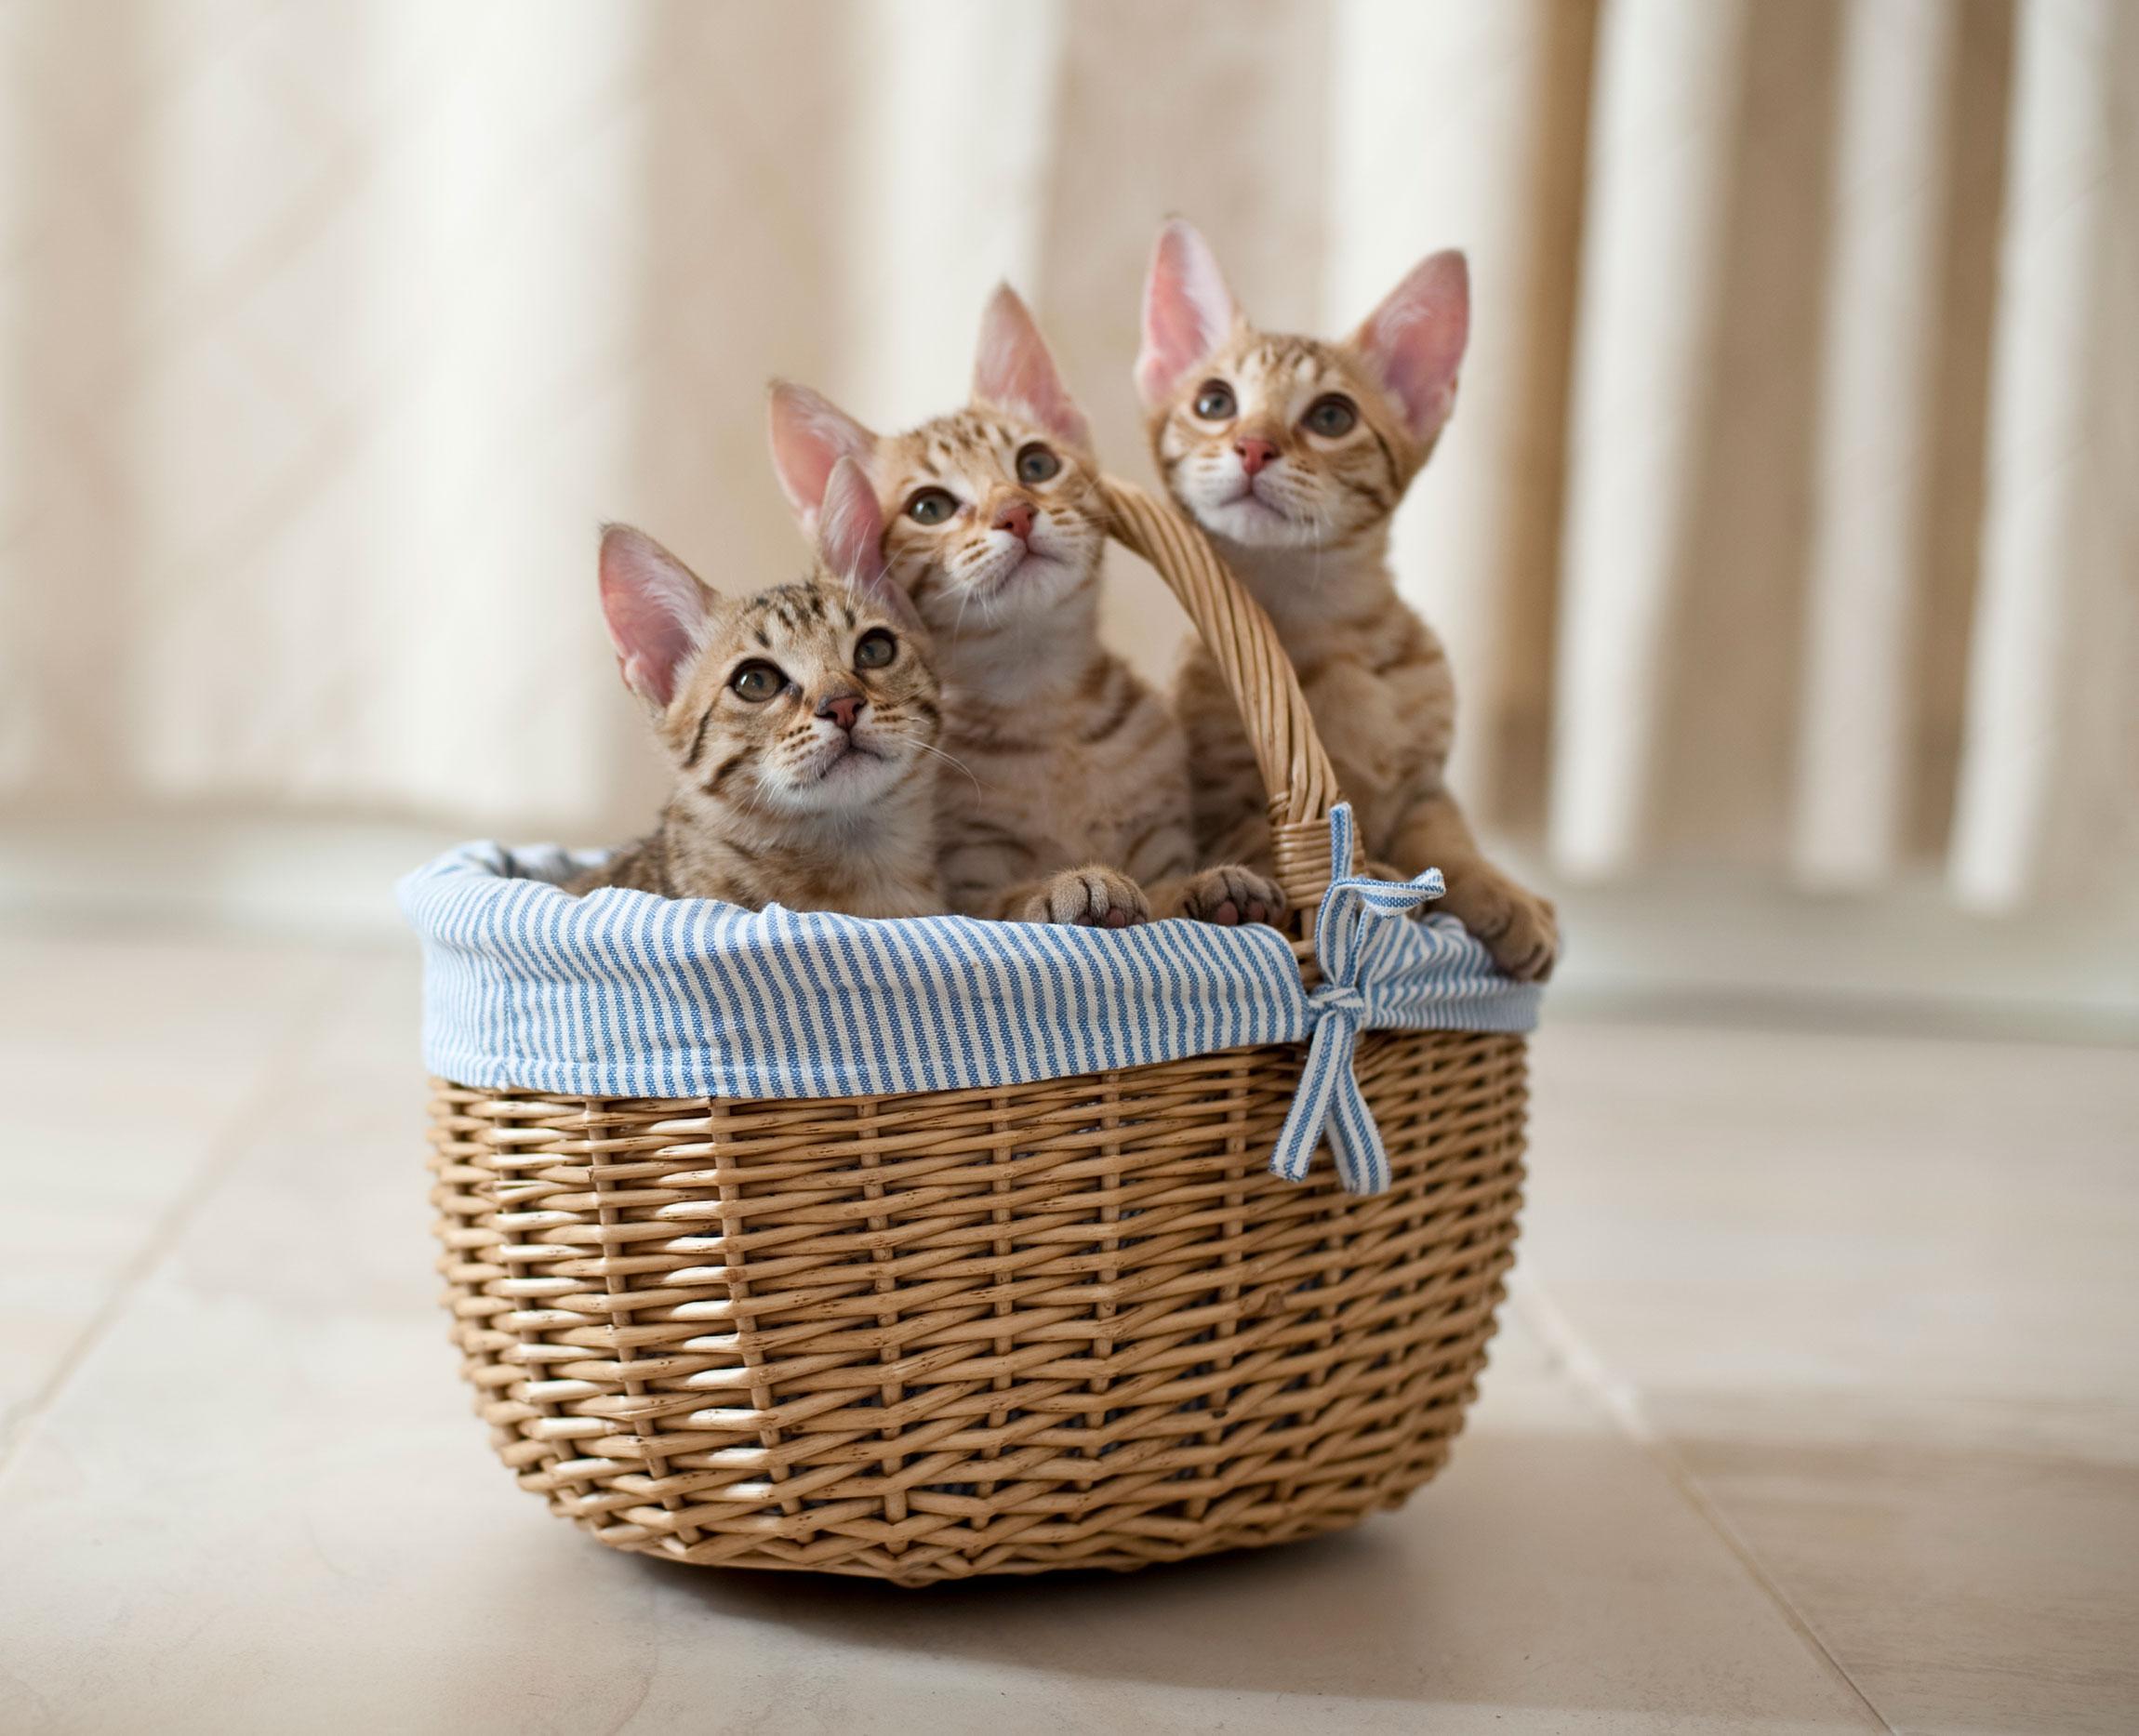 Eläinlääkäriasema Helmen tietoartikkelit - Kissanpentu tulee taloon